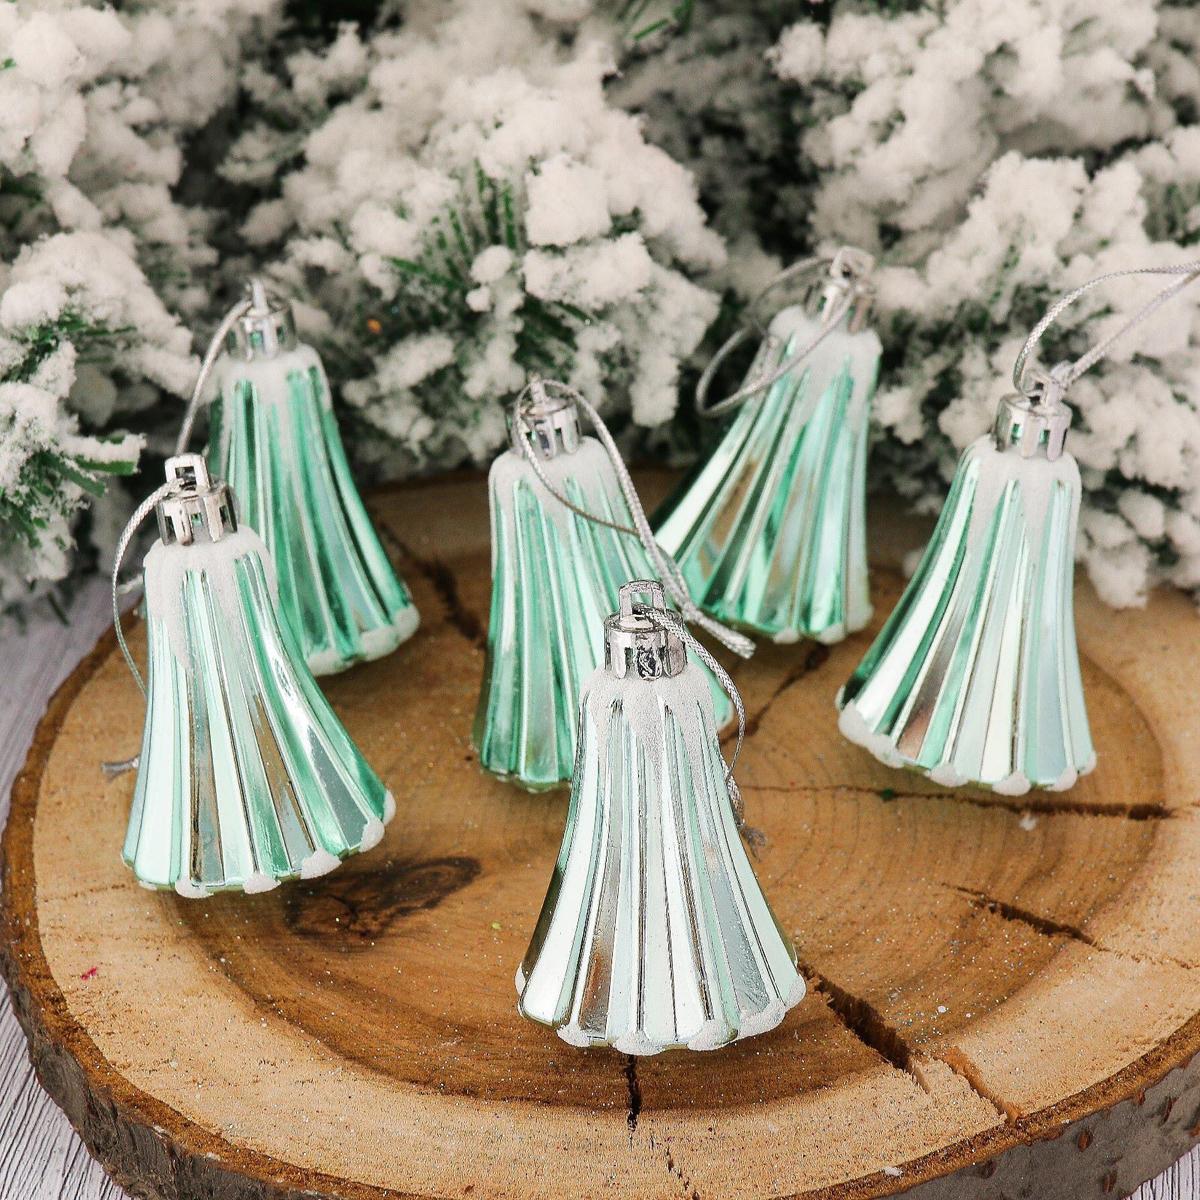 Набор новогодних подвесных украшений Колокольчик. Снег, цвет: бирюзовый, 5 х 4 см, 6 шт2123095Набор новогодних подвесных украшений отлично подойдет для декорации вашего дома и новогодней ели. С помощью специальной петельки украшение можно повесить в любом понравившемся вам месте. Но, конечно, удачнее всего оно будет смотреться на праздничной елке.Елочная игрушка - символ Нового года. Она несет в себе волшебство и красоту праздника. Такое украшение создаст в вашем доме атмосферу праздника, веселья и радости.